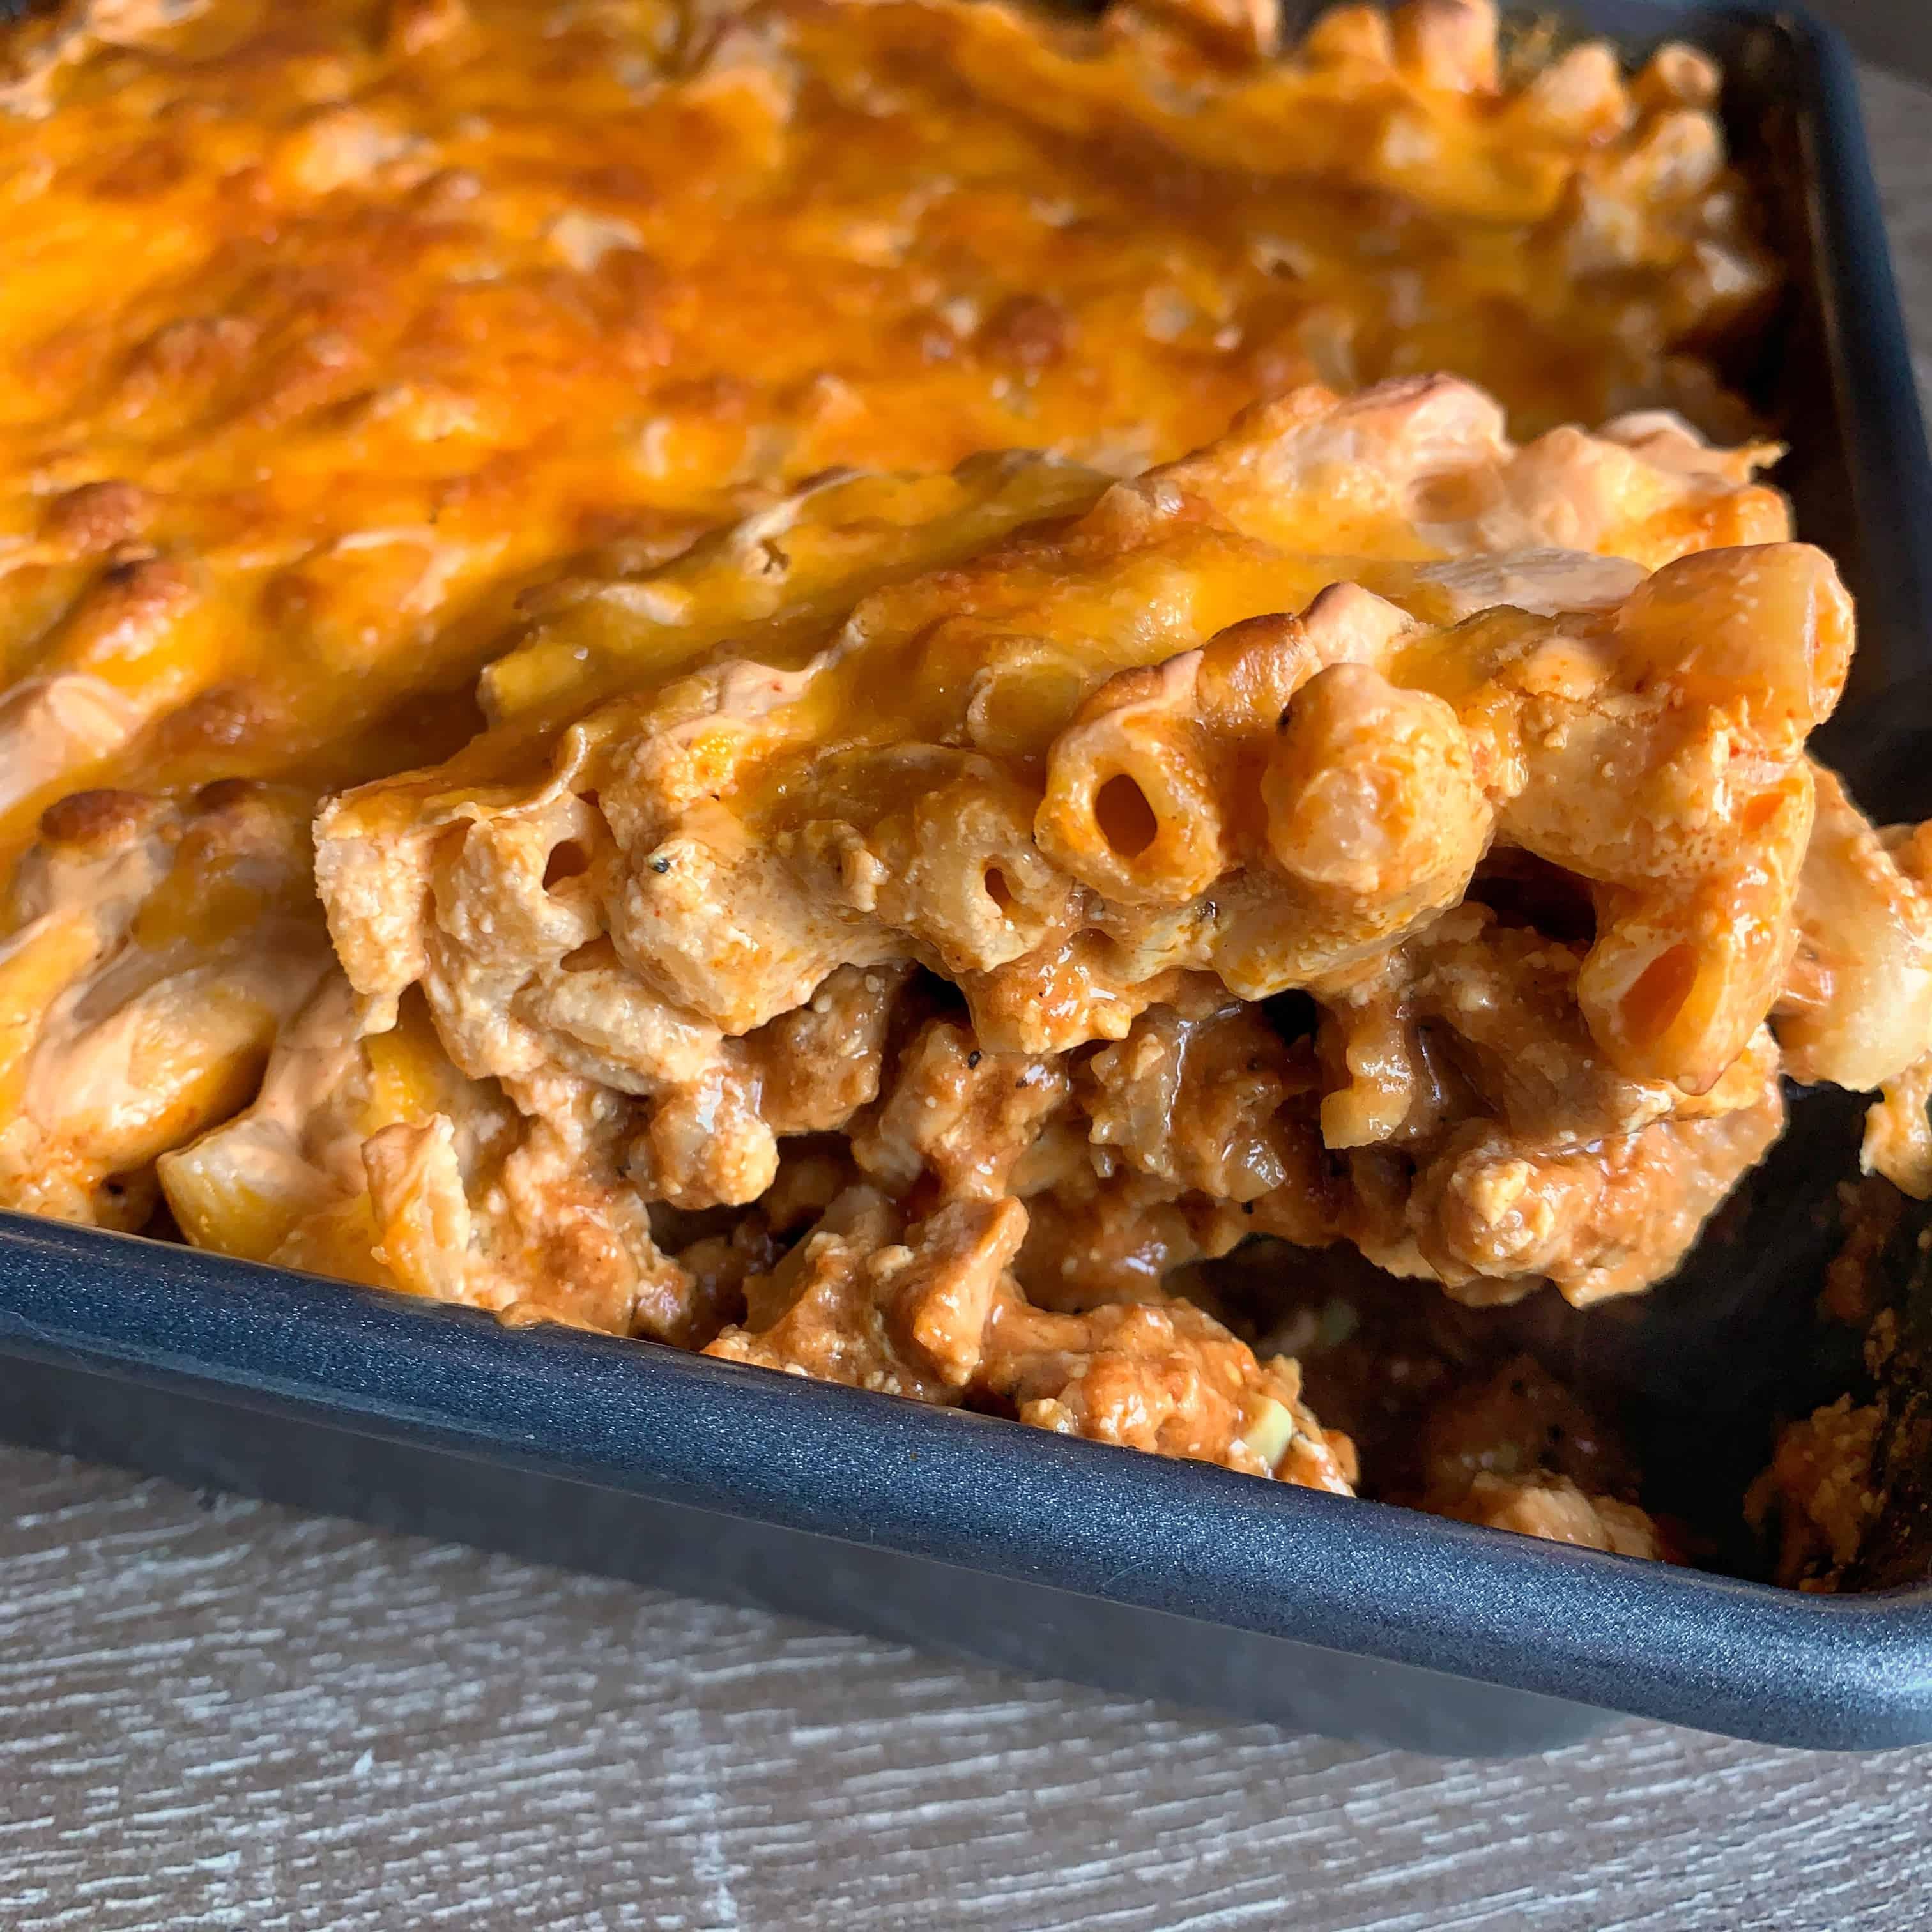 BBQ Crockpot Pork Tenderloin with Low